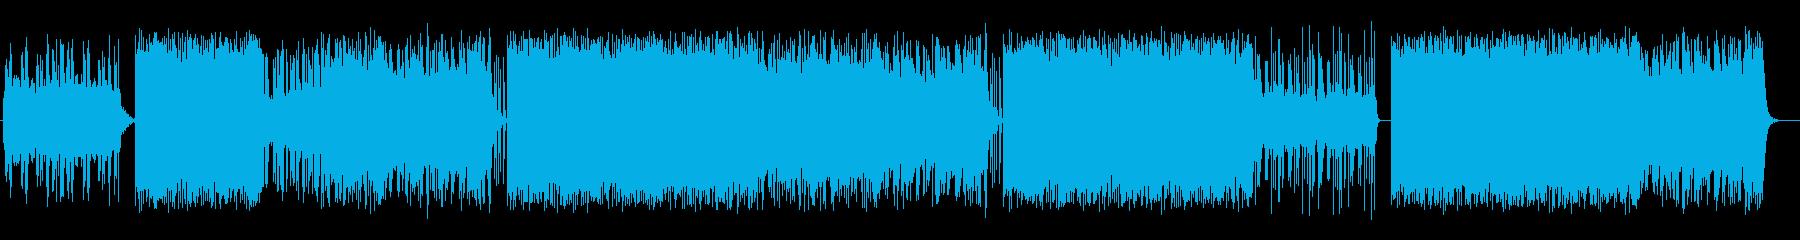 歌唱用/ヒップホップ/ストリングス/#3の再生済みの波形